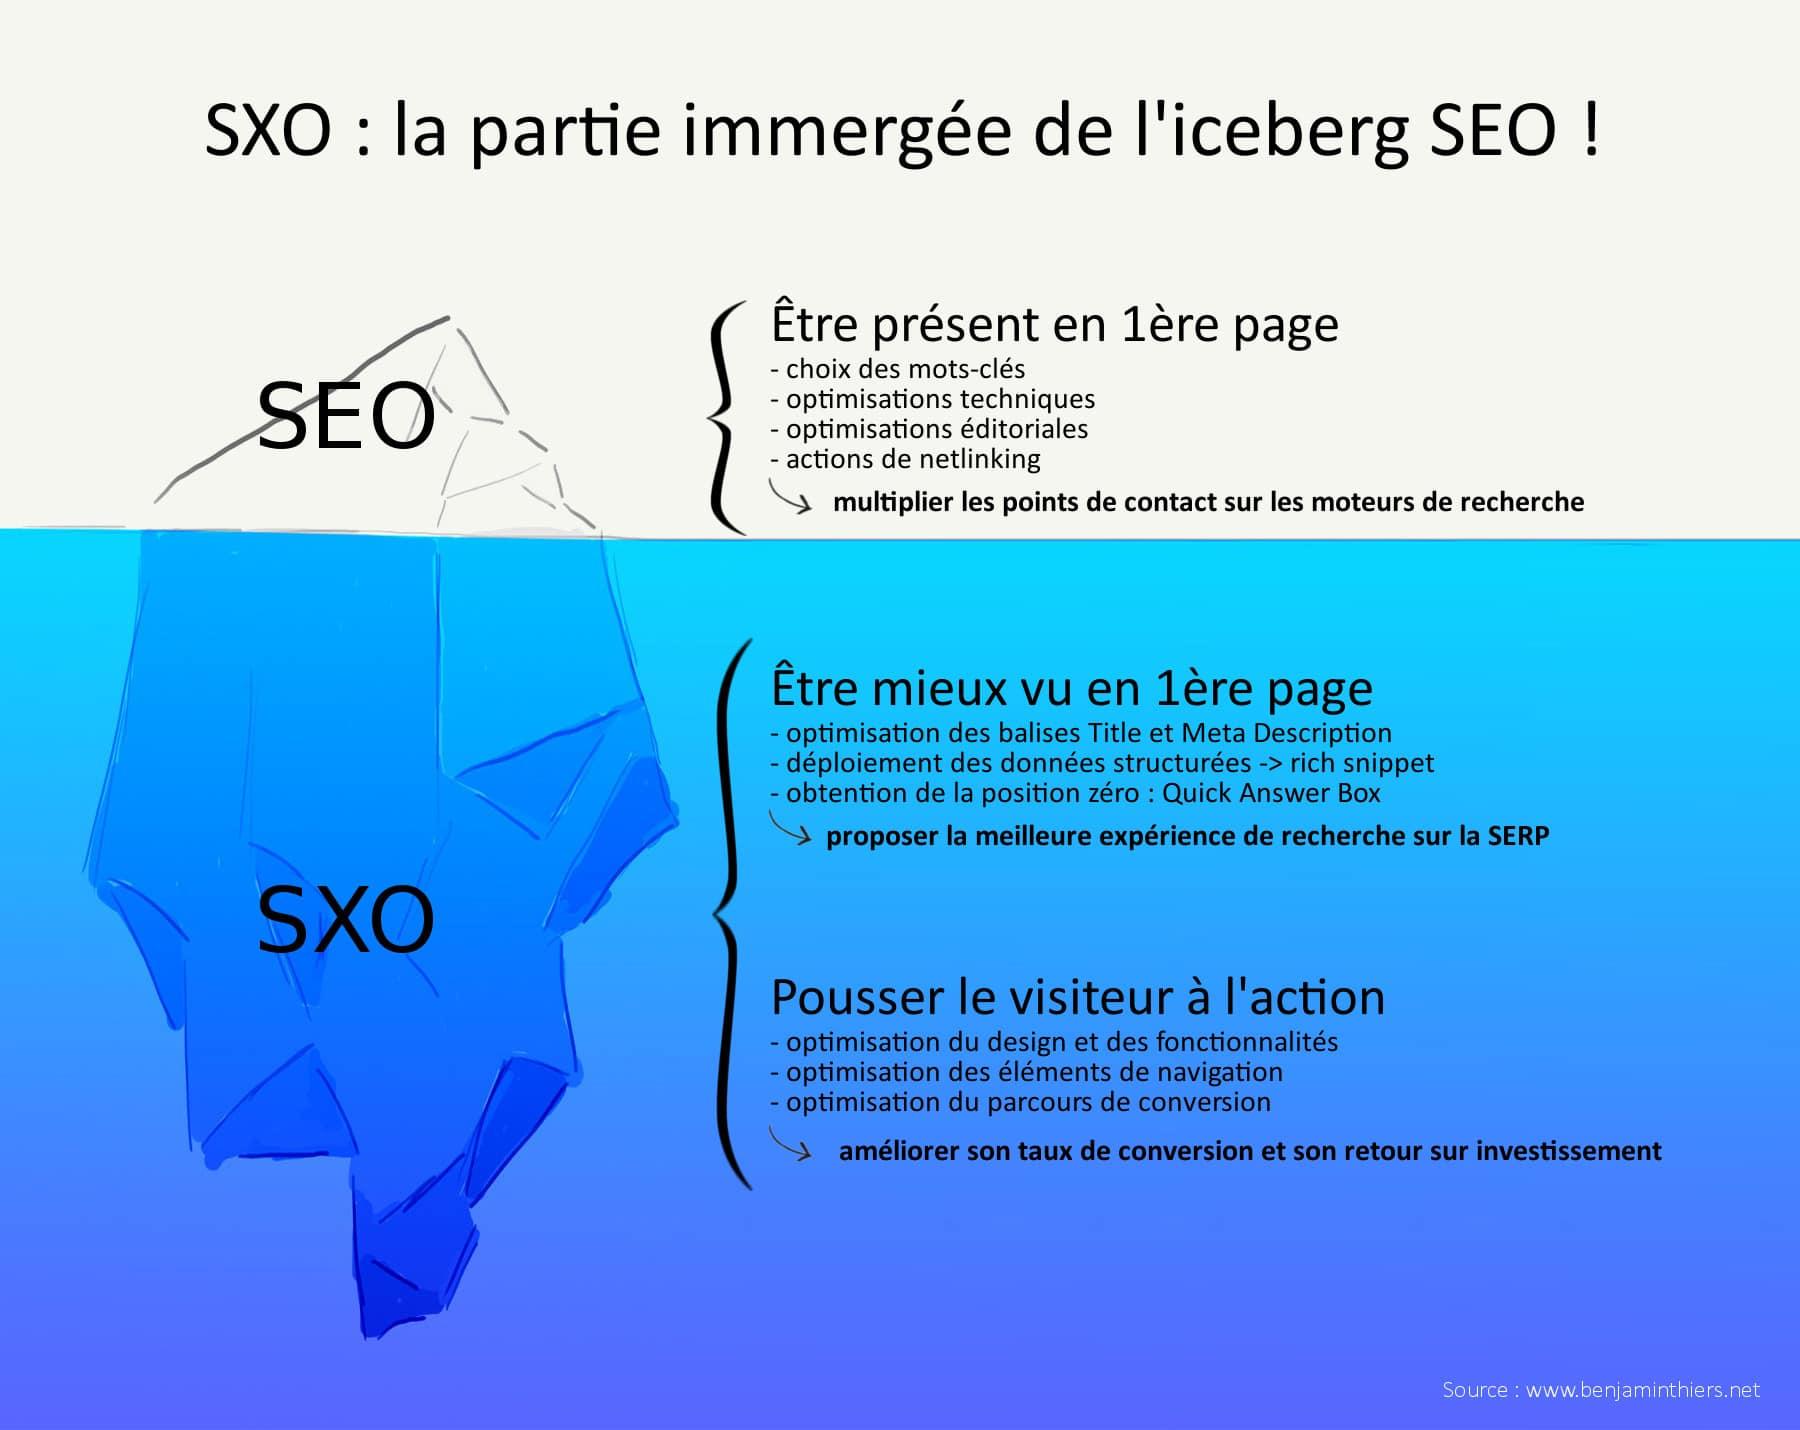 sxo-infographie